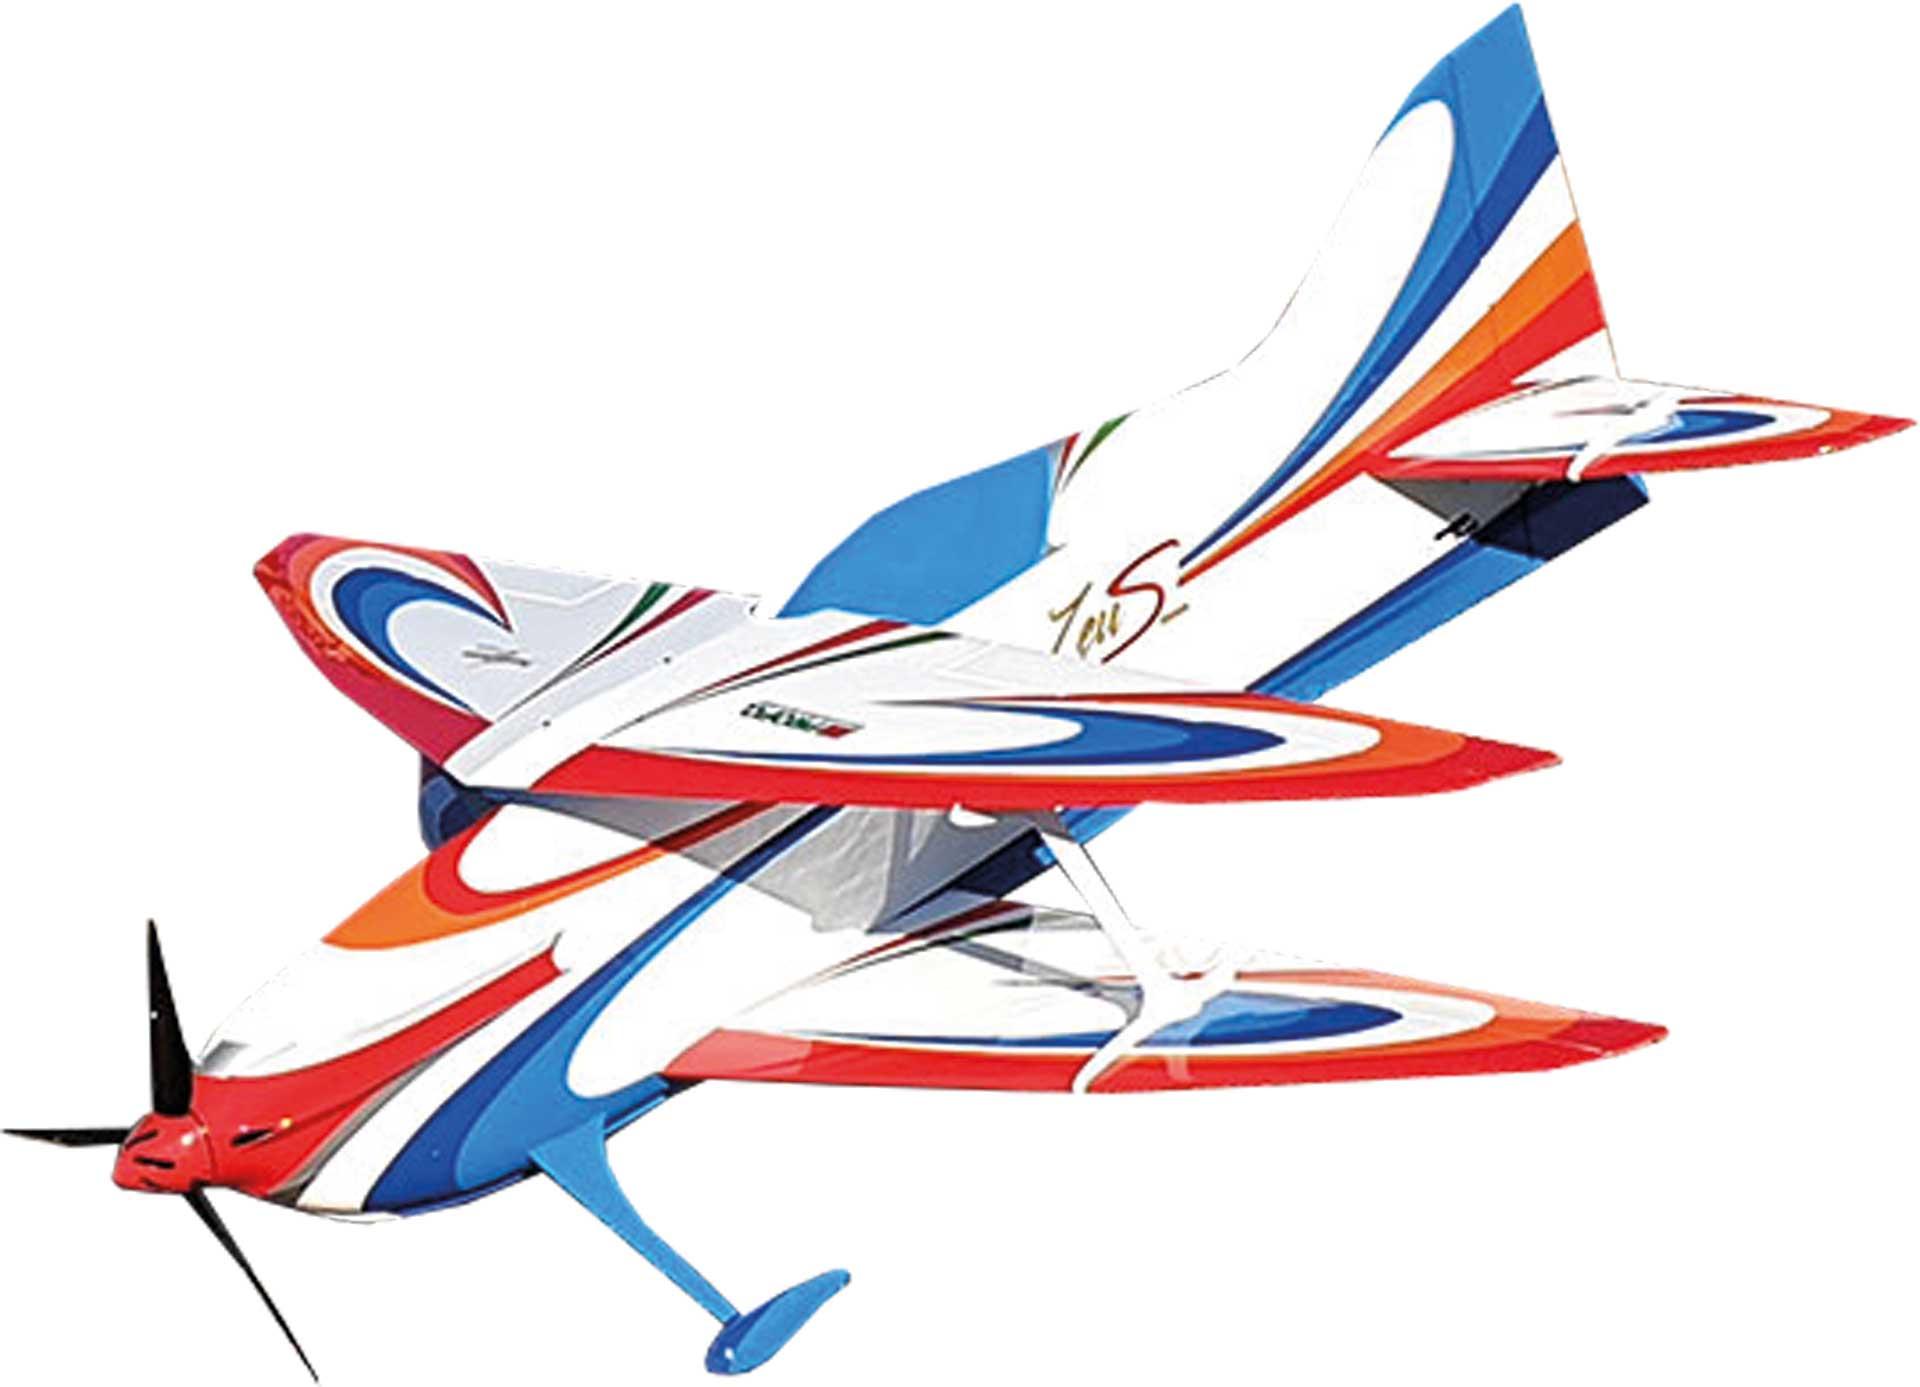 SEBART ZeuS 2m F3A Biplan RC blanc / bleu /rouge  avec  composite kit en bois ARF